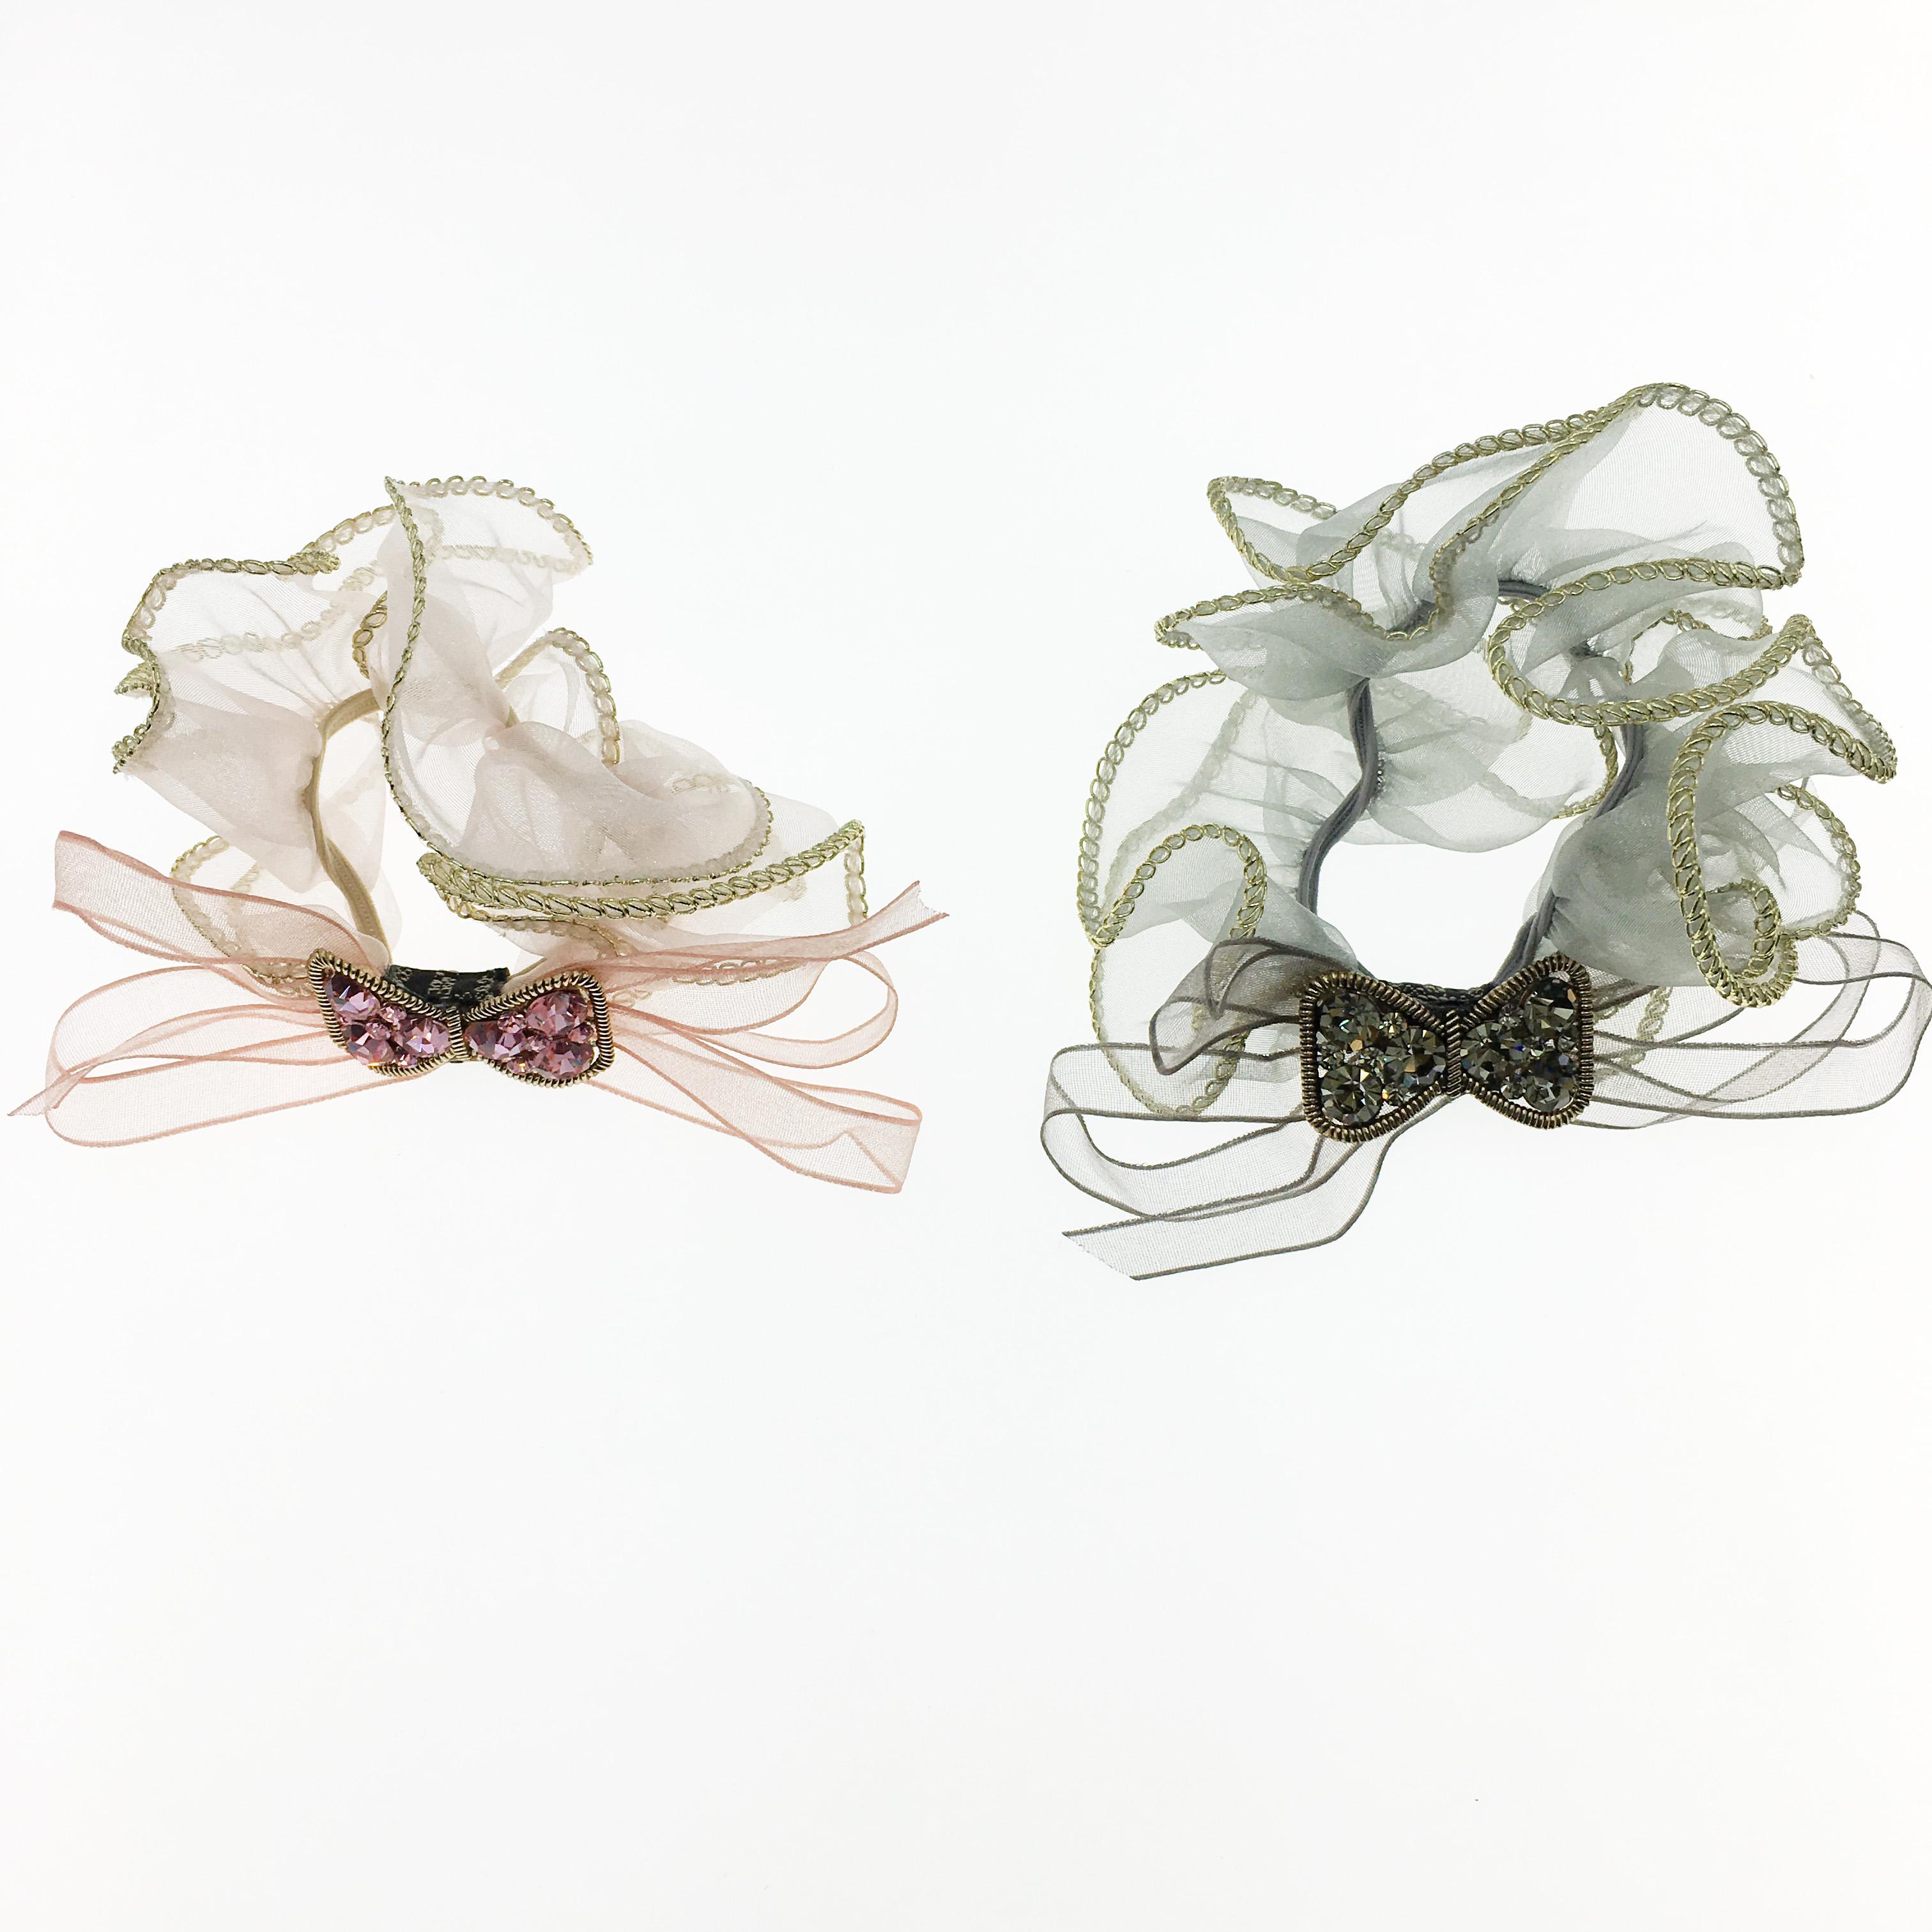 韓國 水鑽 蝴蝶結 金邊 兩色 大腸圈 髮圈 髮飾